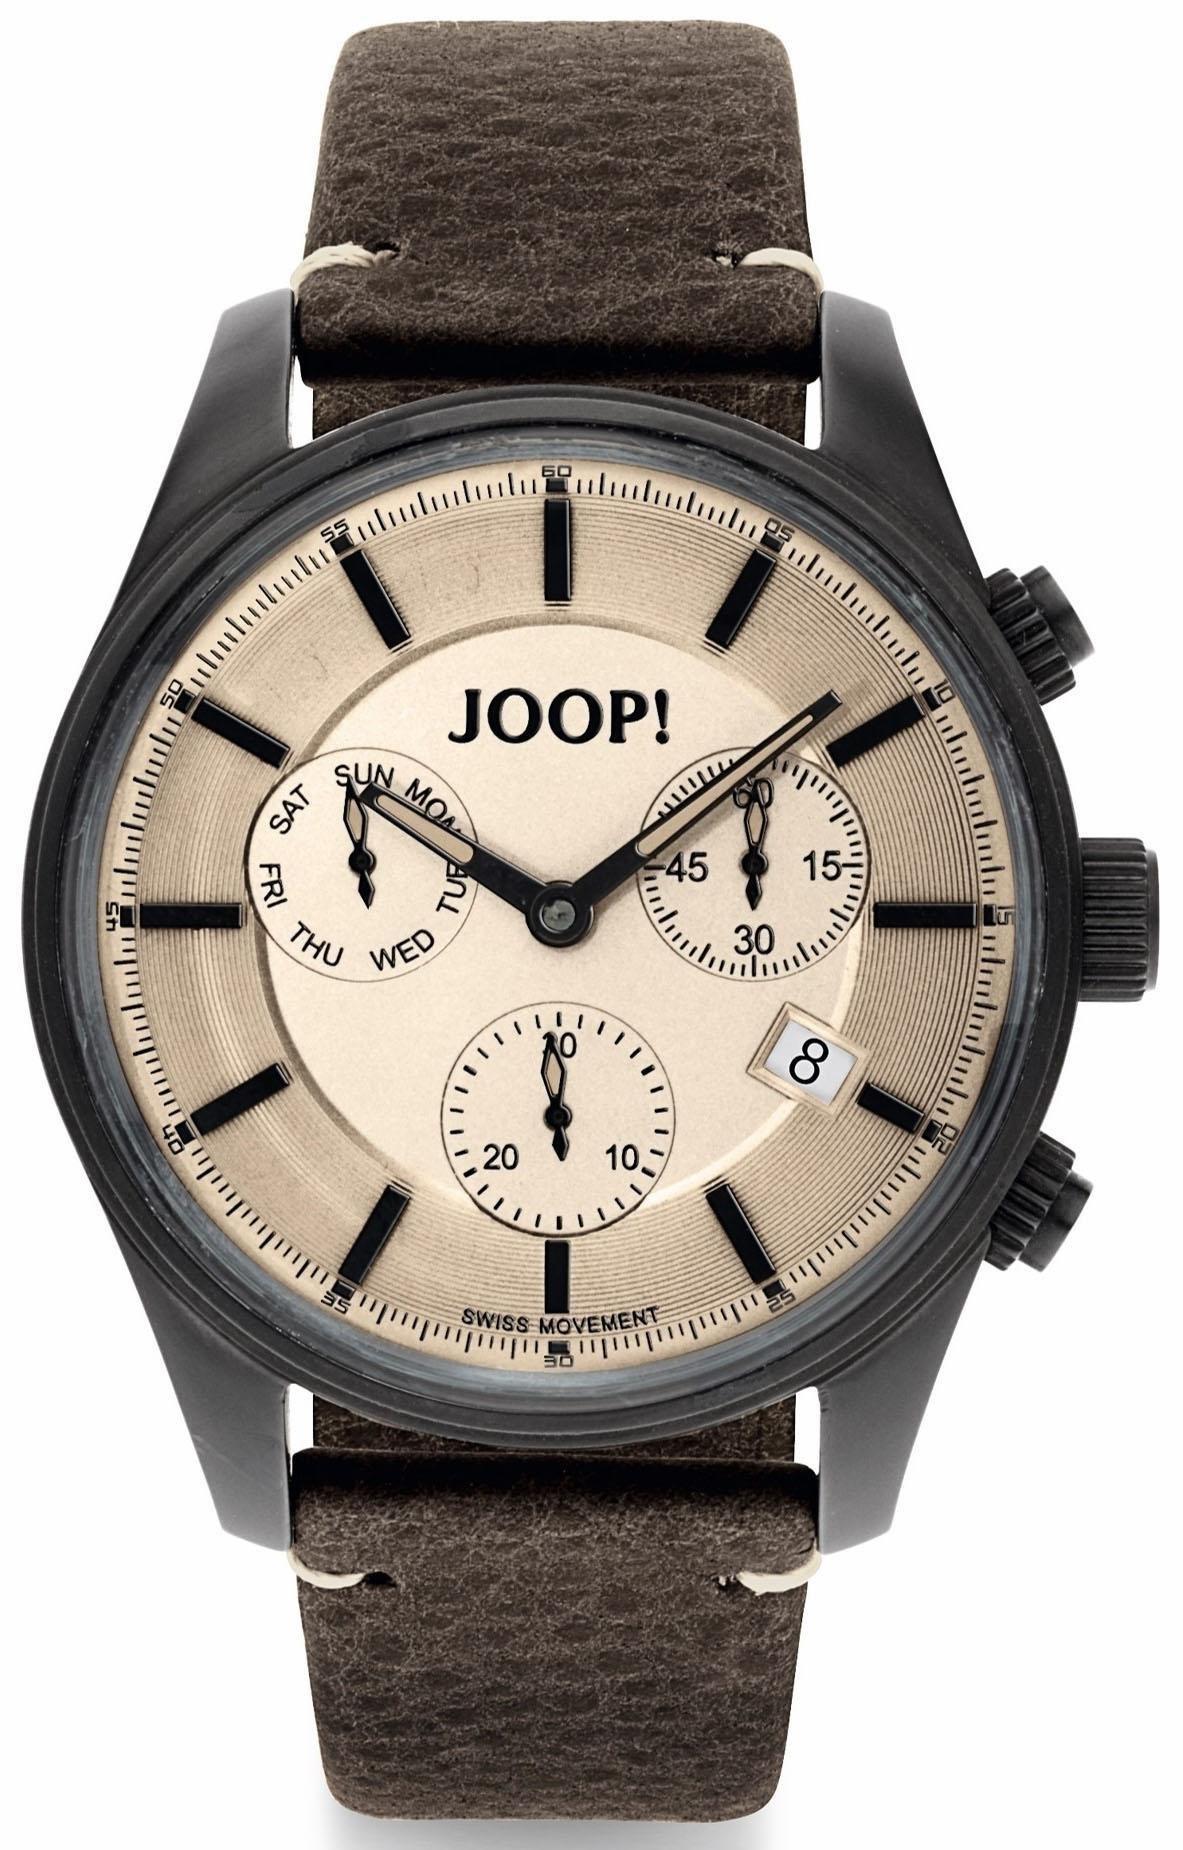 JOOP! chronograaf »2022842« nu online bestellen